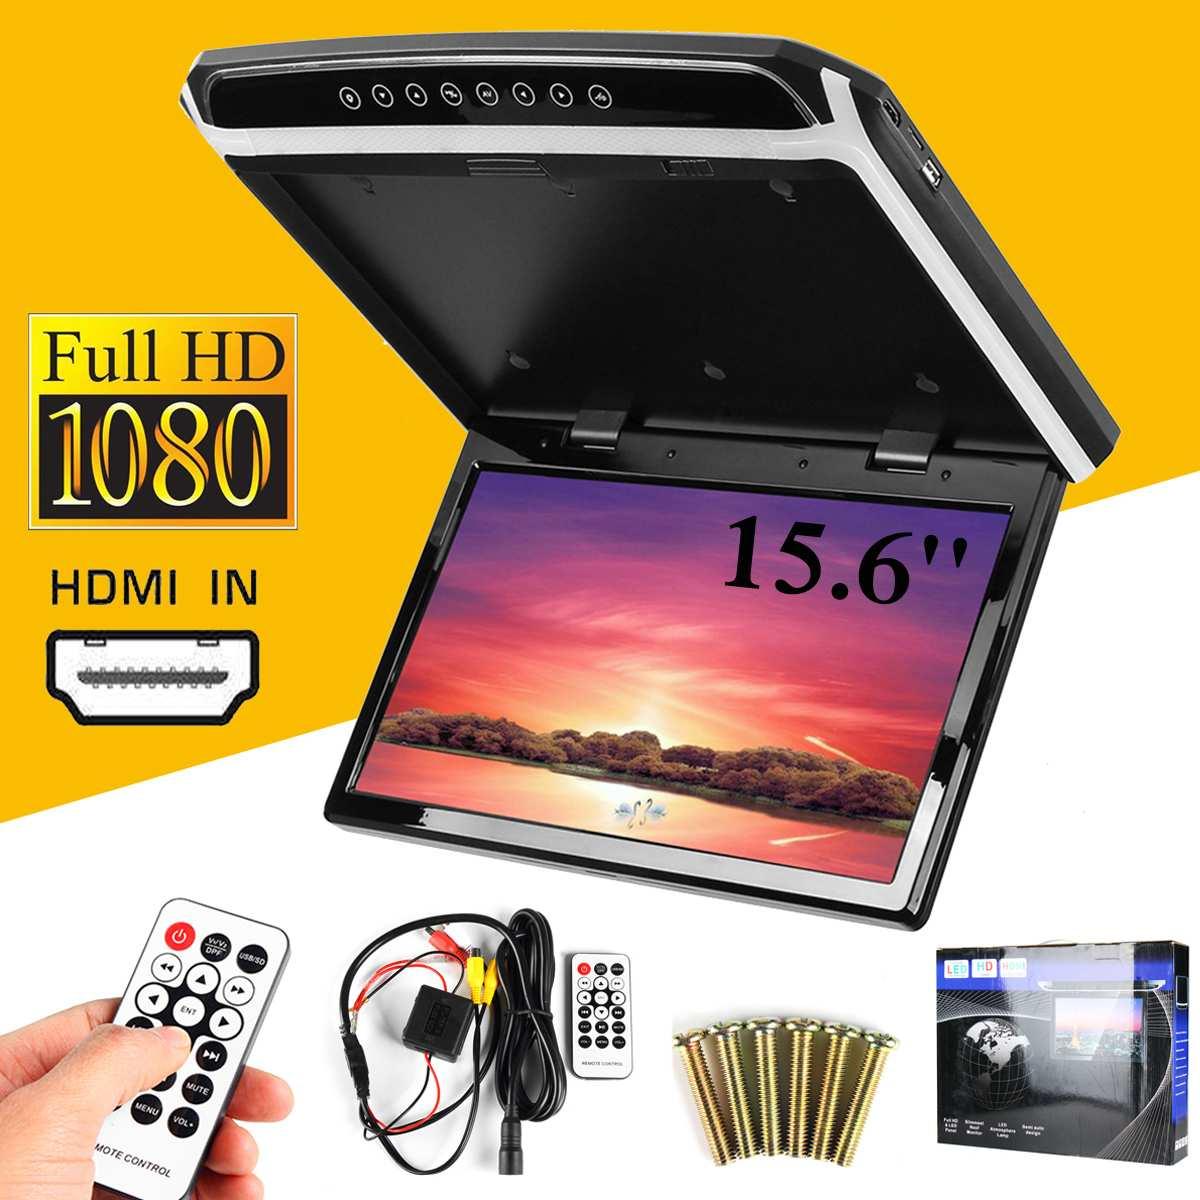 Reproductor de DVD de pantalla ancha HD de 15,6 pulgadas para coche, reproductor de montaje en techo de coche HDMI abatible hacia abajo para Monitor 1920*1080 - 3